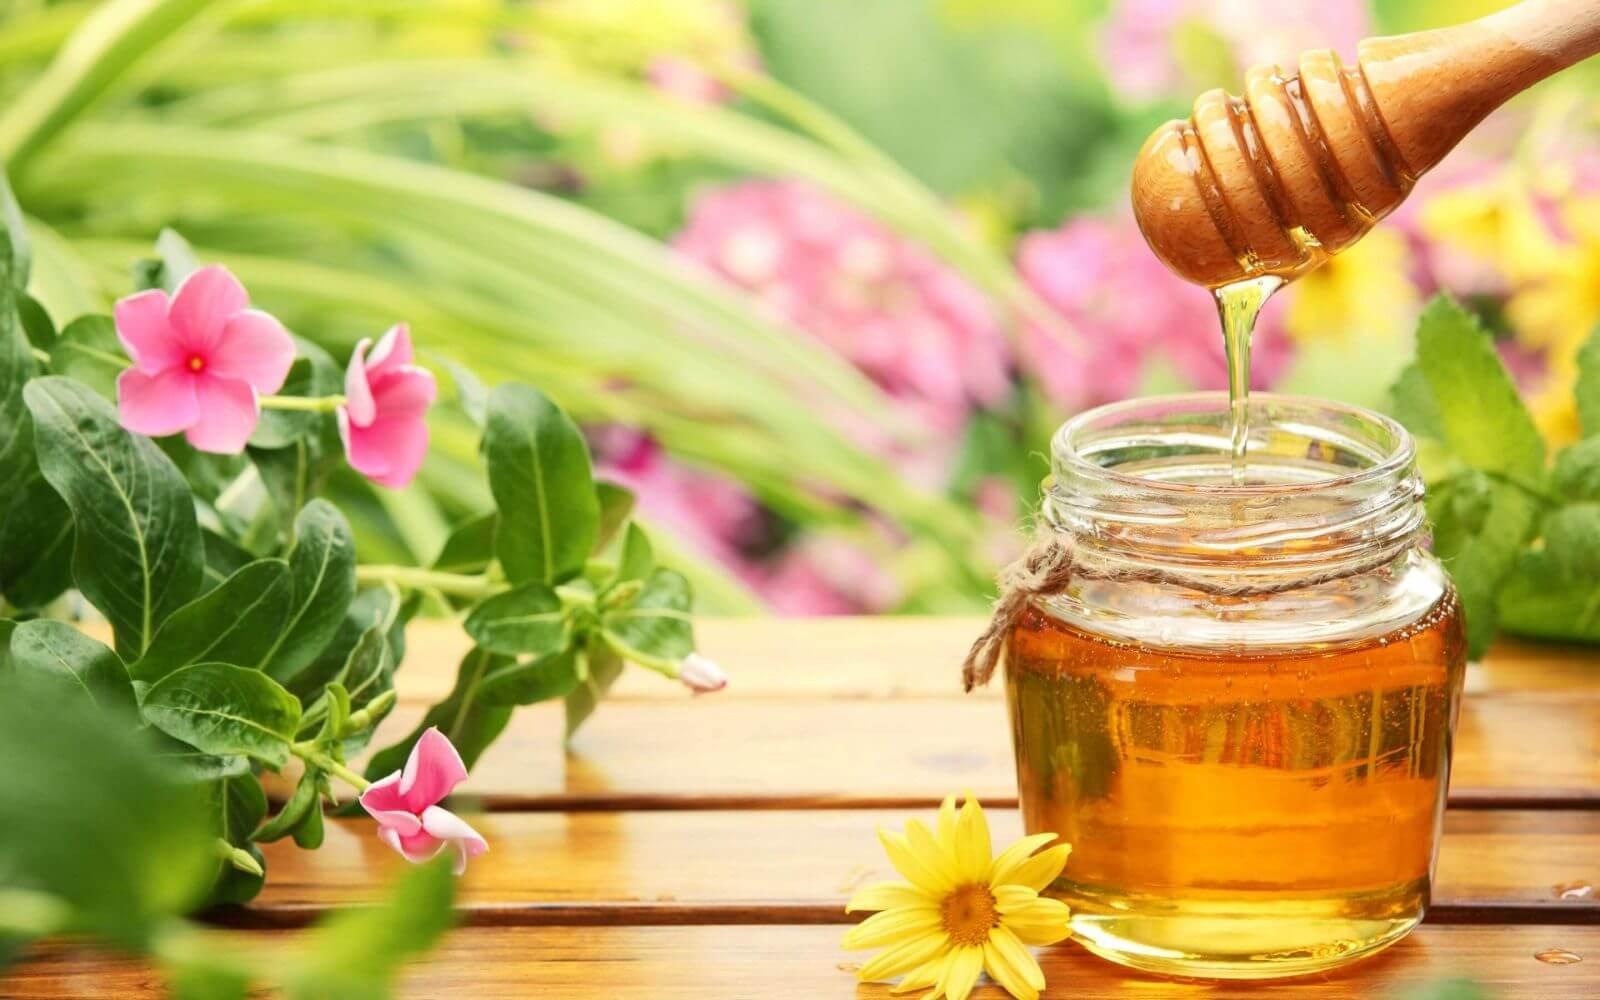 Trẻ đẹp lại với công năng của mật ong mà ai cũng biết -  trẻ đẹp lại với công năng của mật ong - 3 meo lam dep toan dien cung mat ong